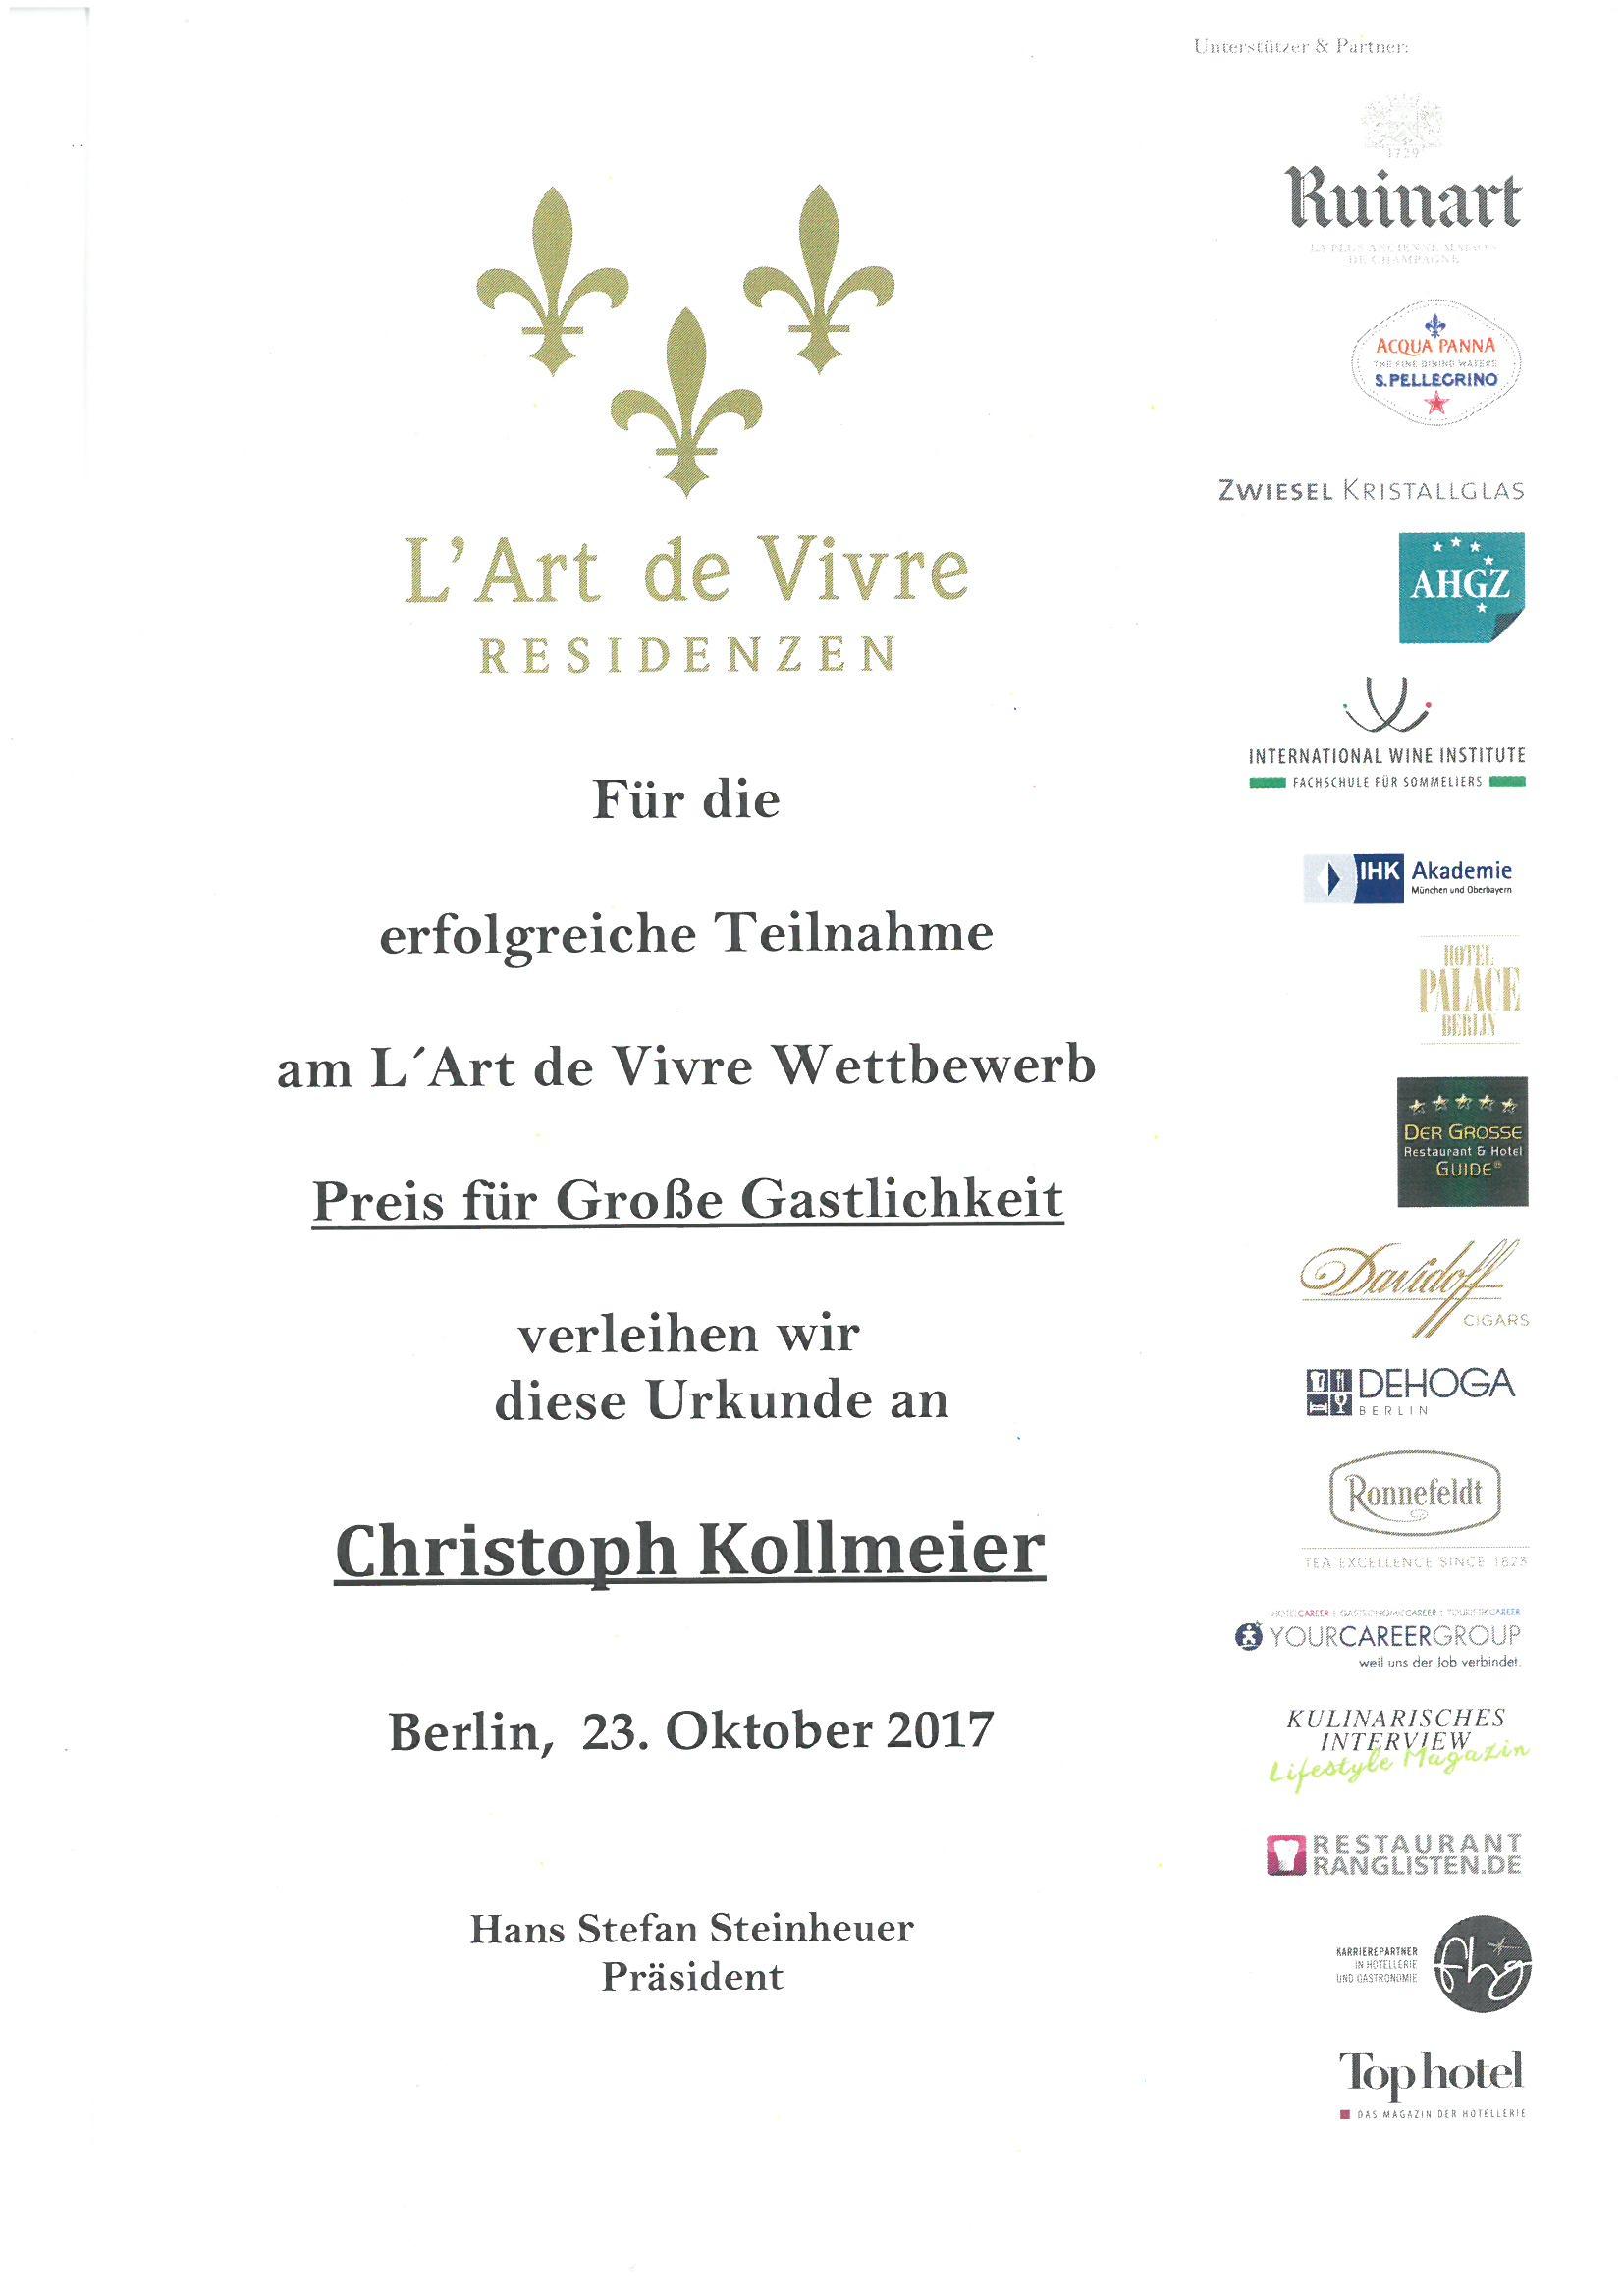 Niedlich Wiederaufnahme Des Kfz Service Managers Ideen - Entry Level ...